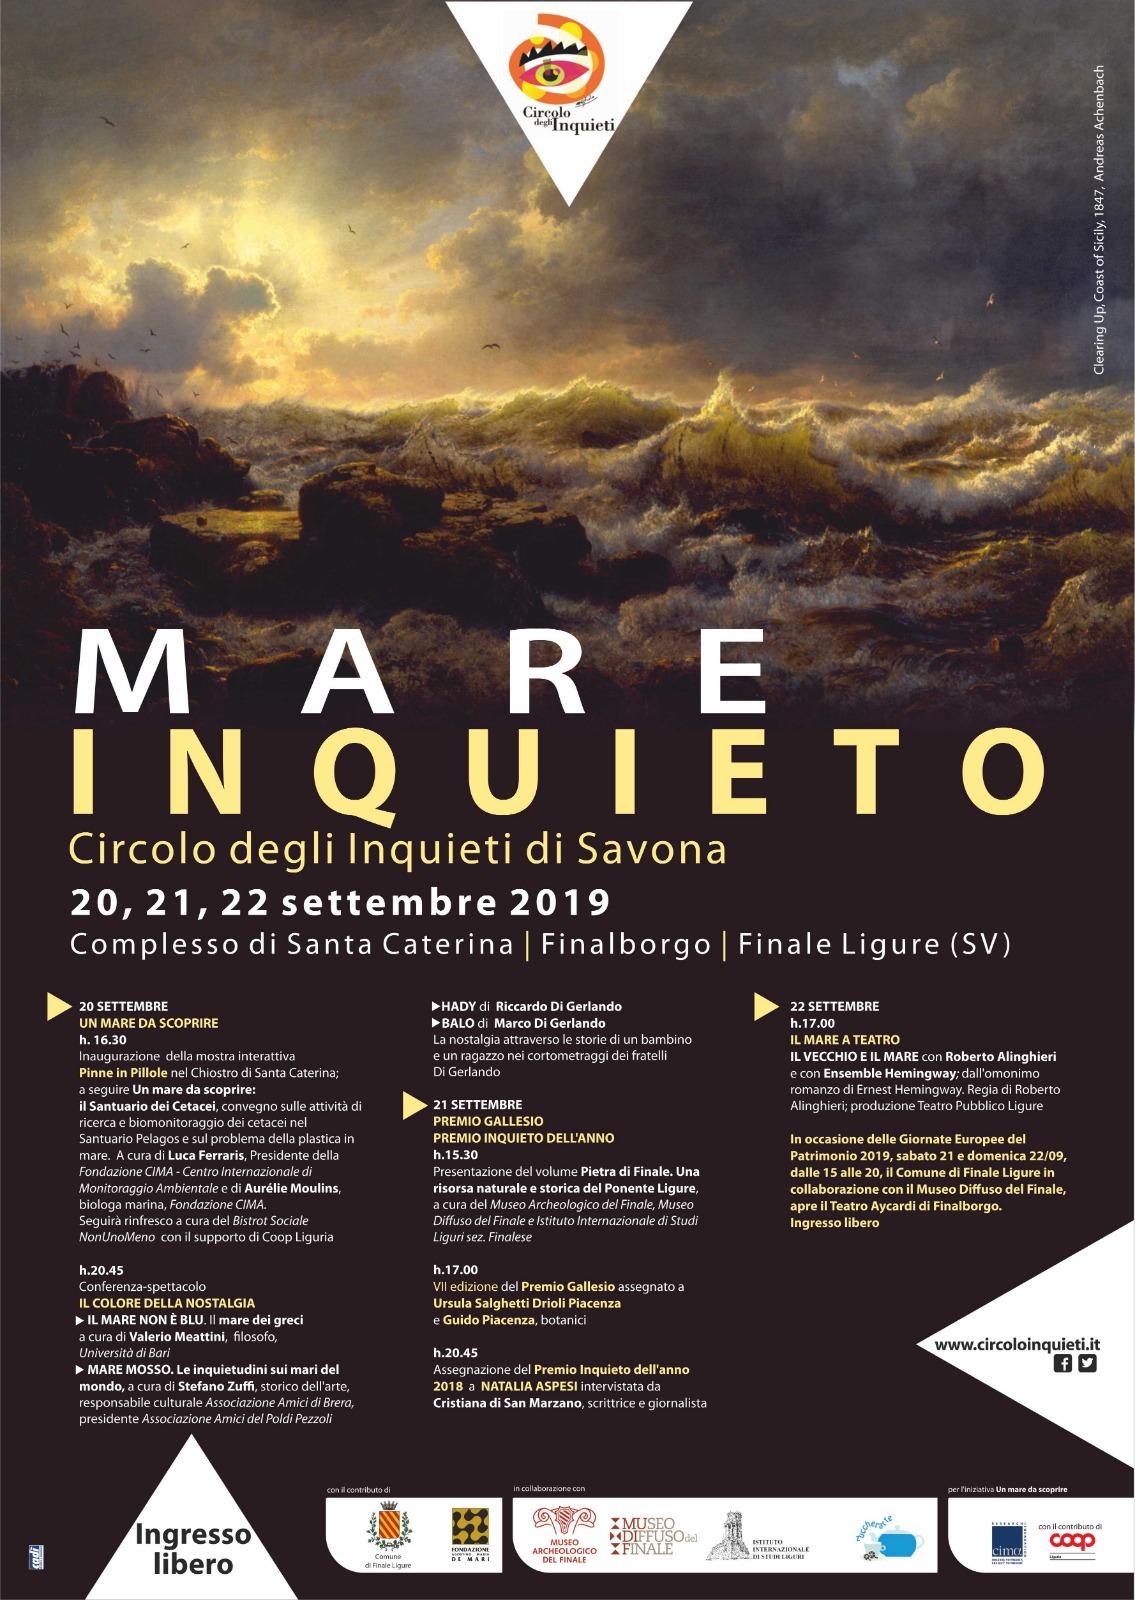 Un Mare Inquieto 20, 21, 22 settembre 2019